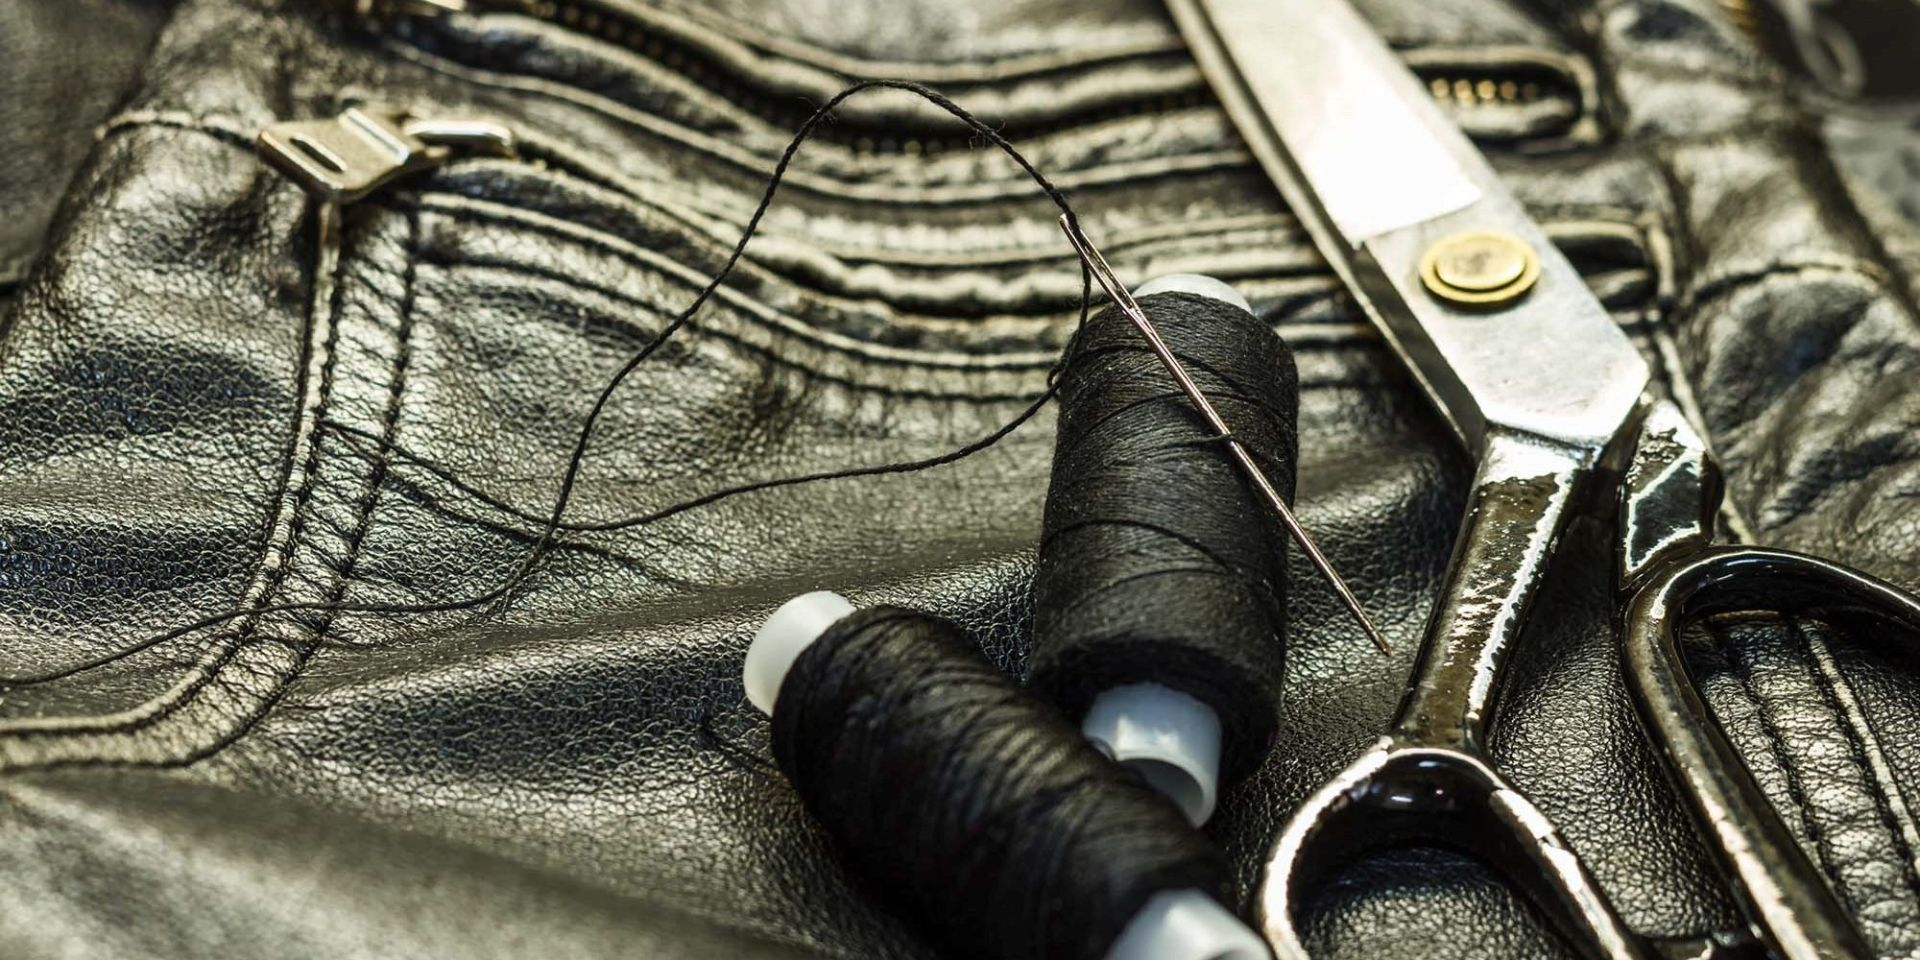 Clothing repair